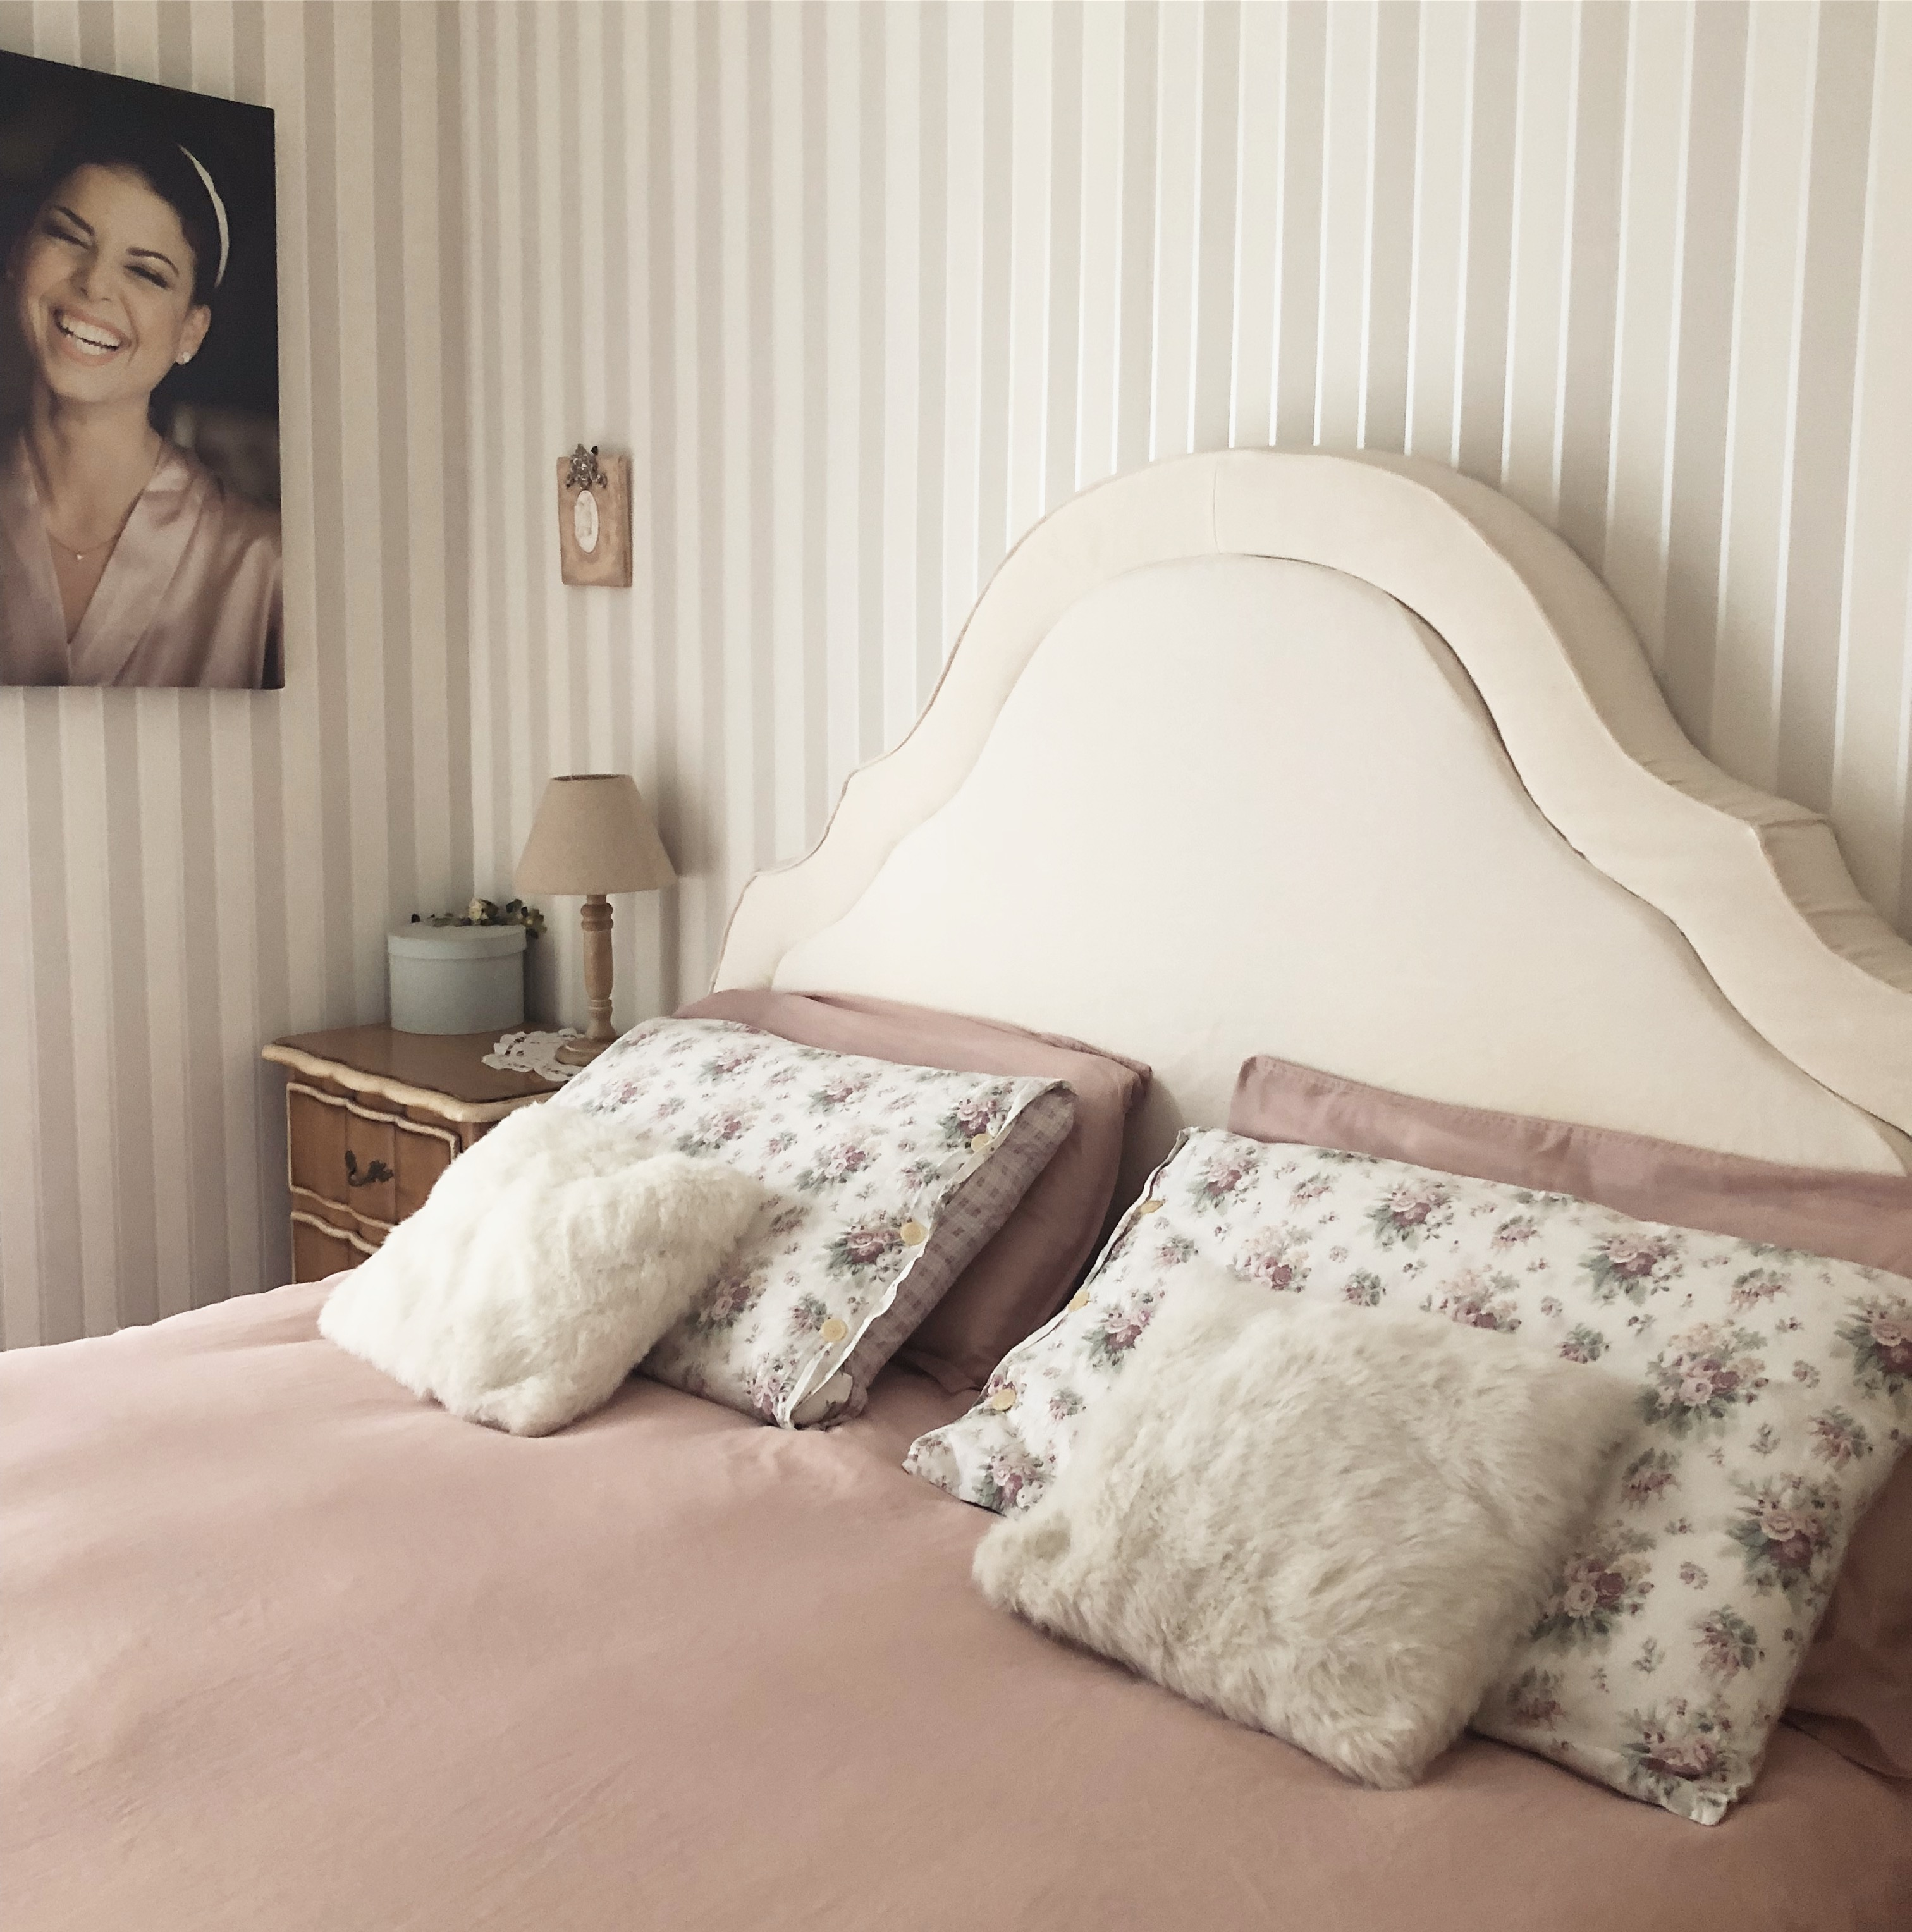 La mia camera da letto in stile provenzale marica ferrillo - In camera mia ...